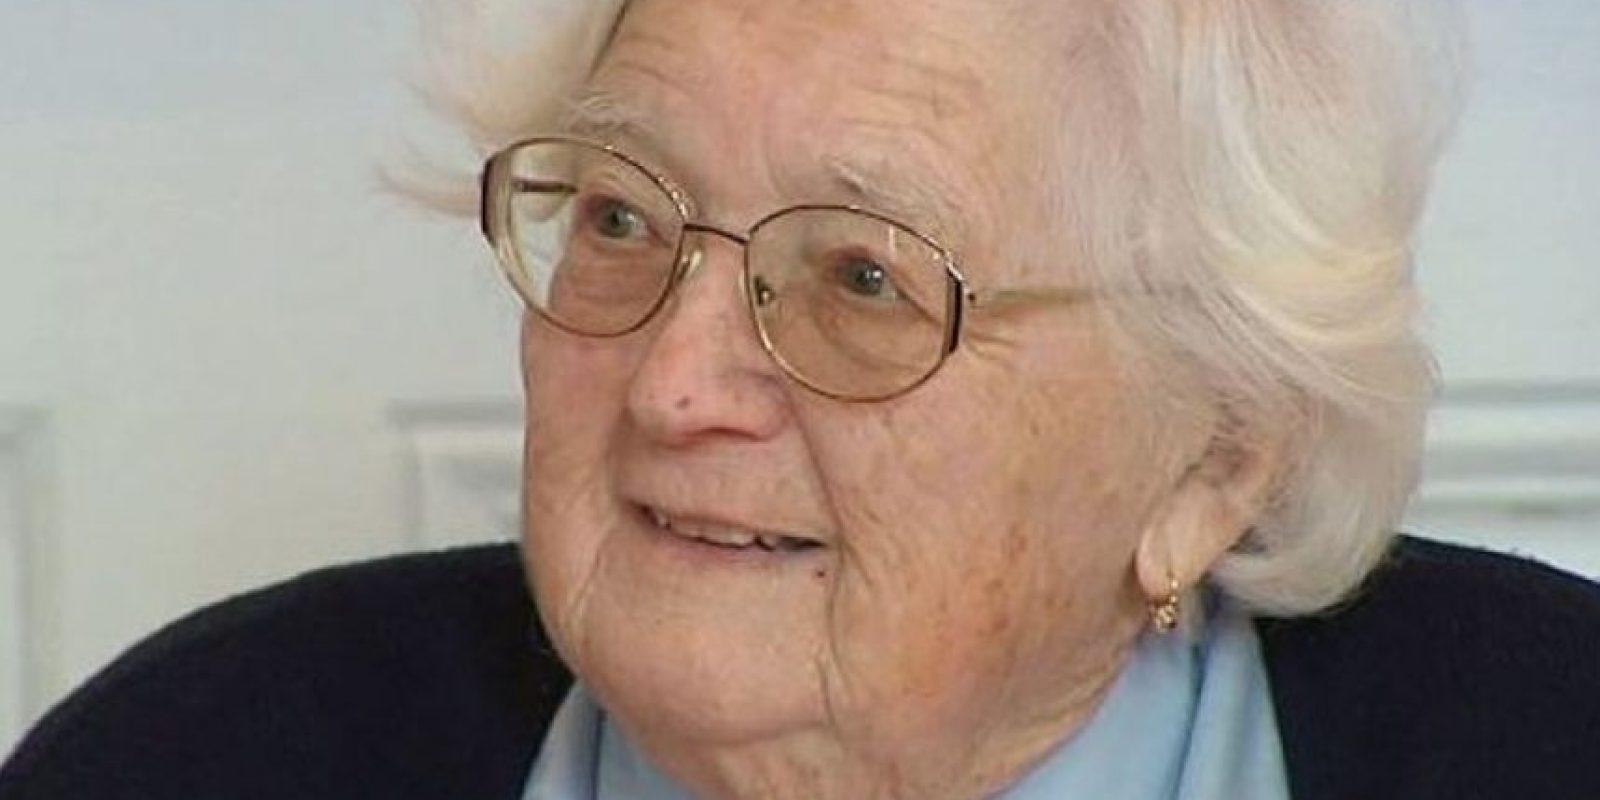 Colette Bourlier de 91 años se convirtió en la mujer con más edad de Francia en obtener un doctorado en Geografía. Foto:Twitter